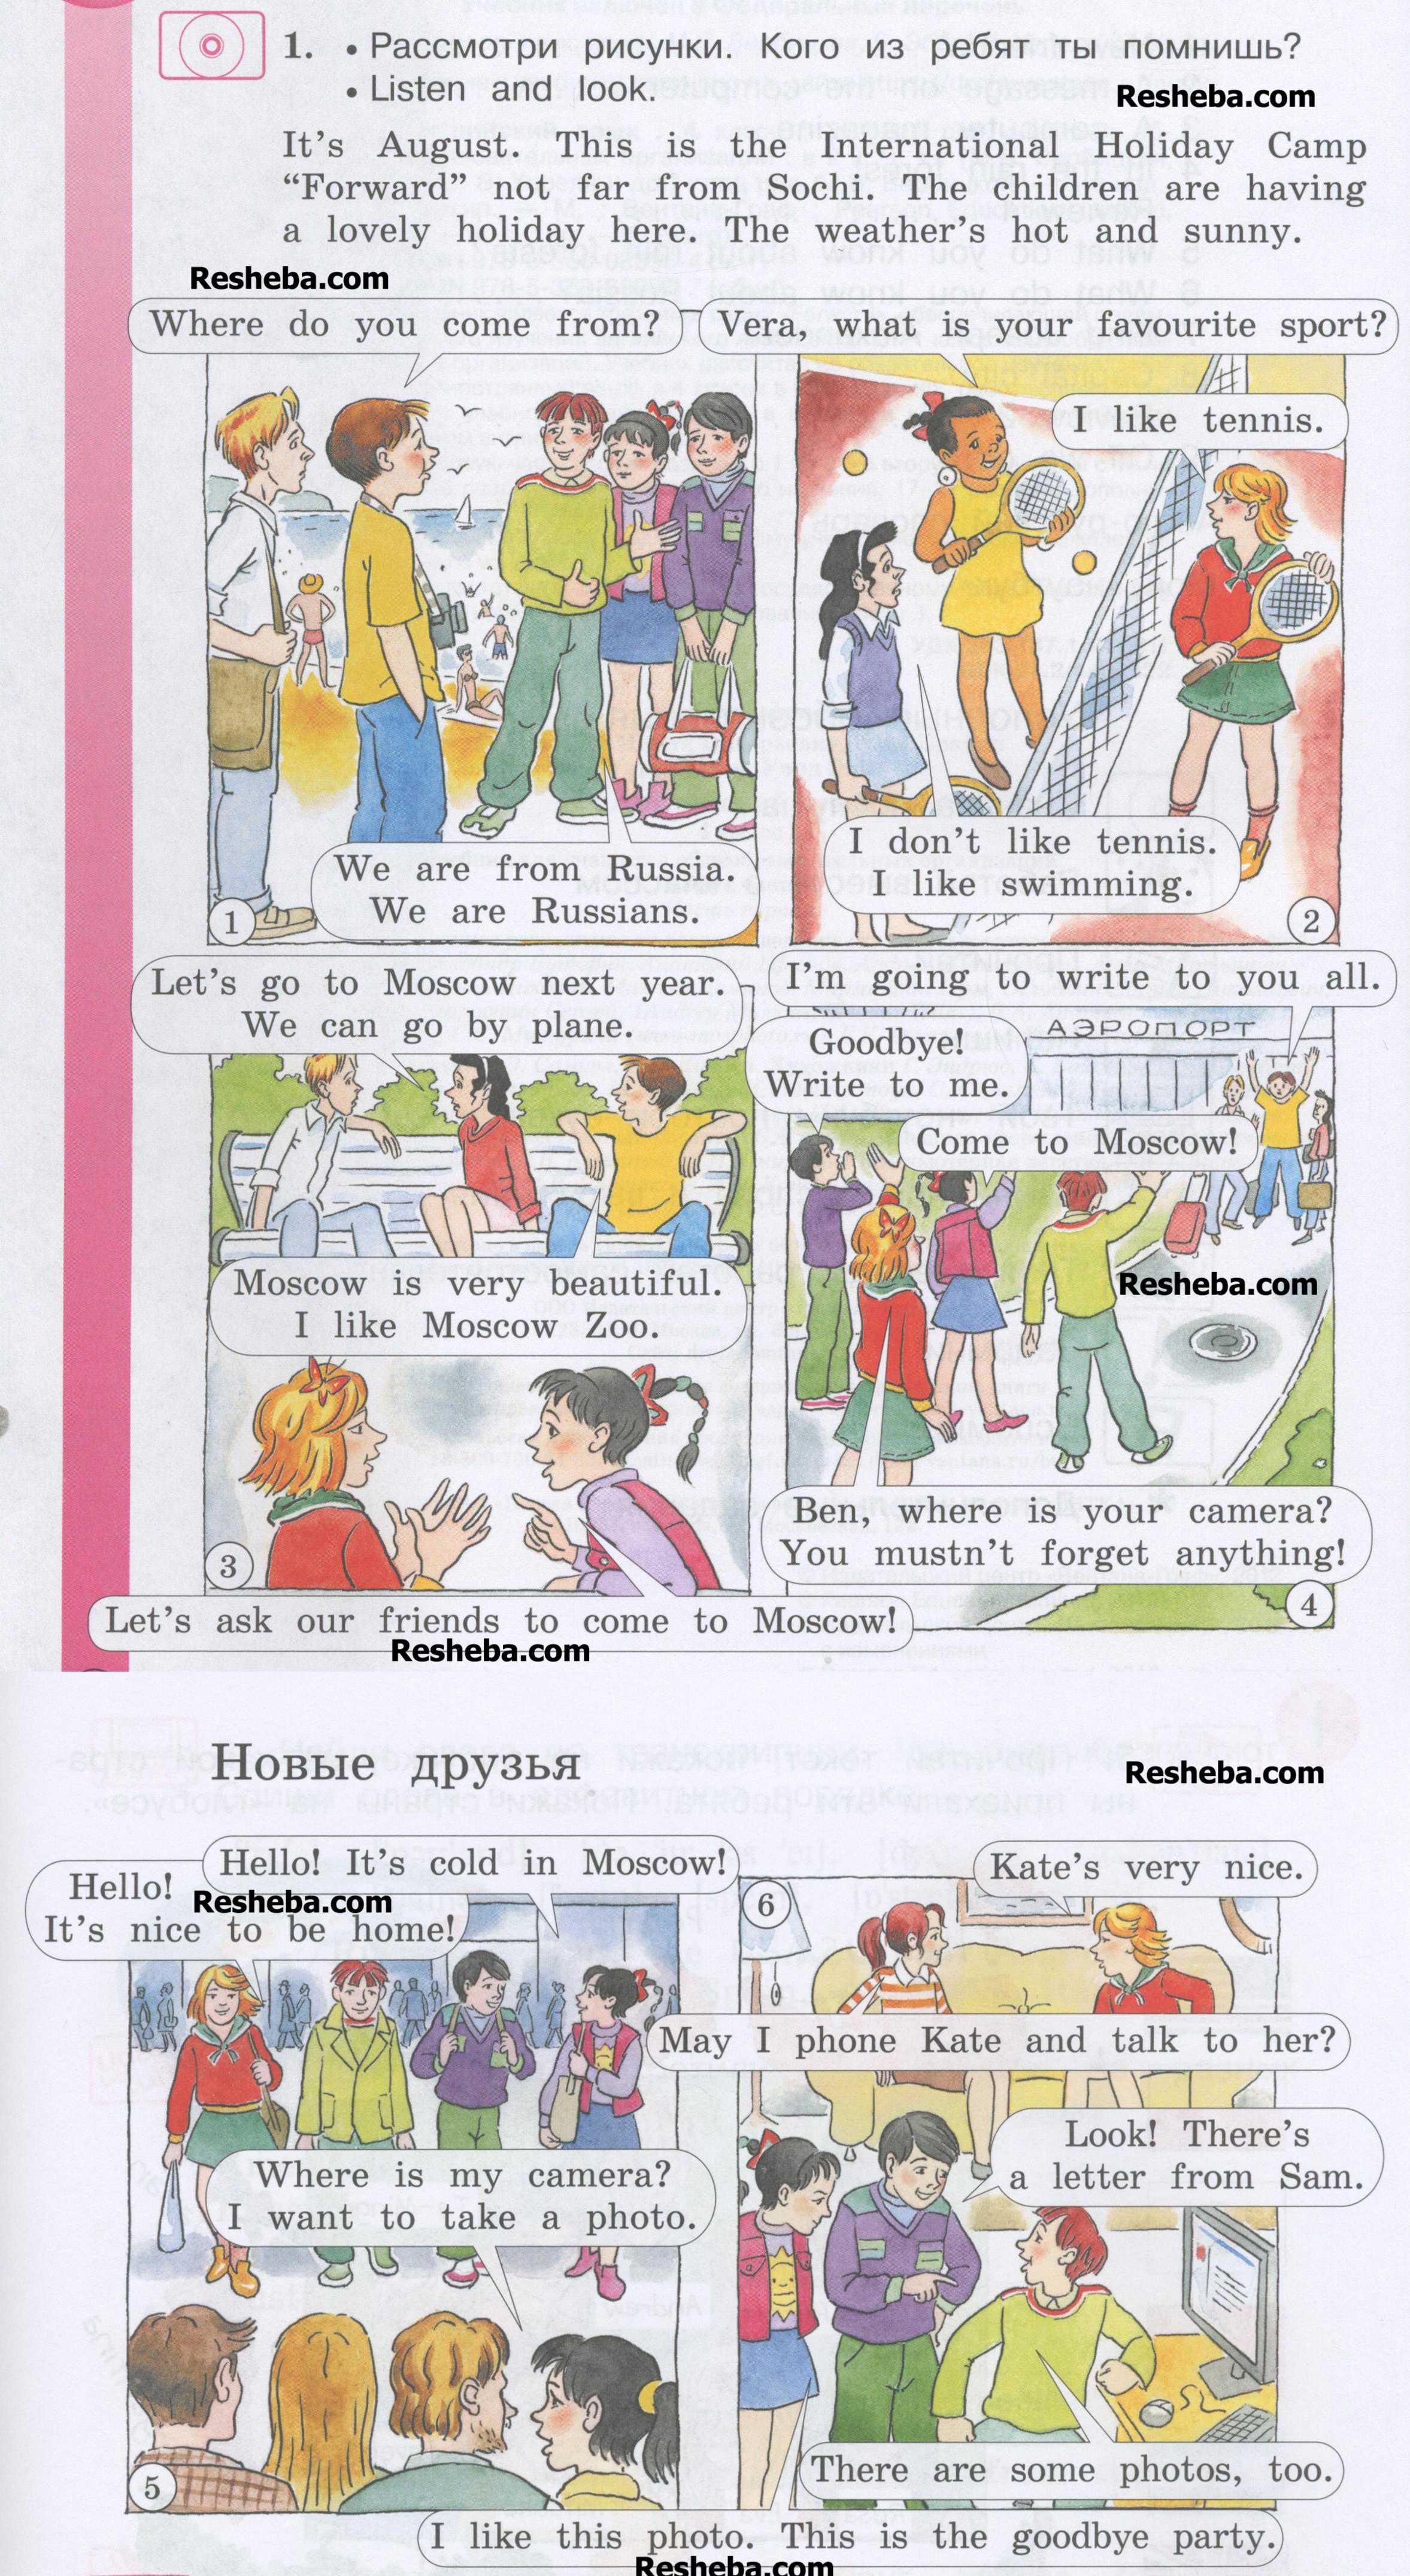 Часть 1. Страница 4-9, 1. New friends: 1 - условие